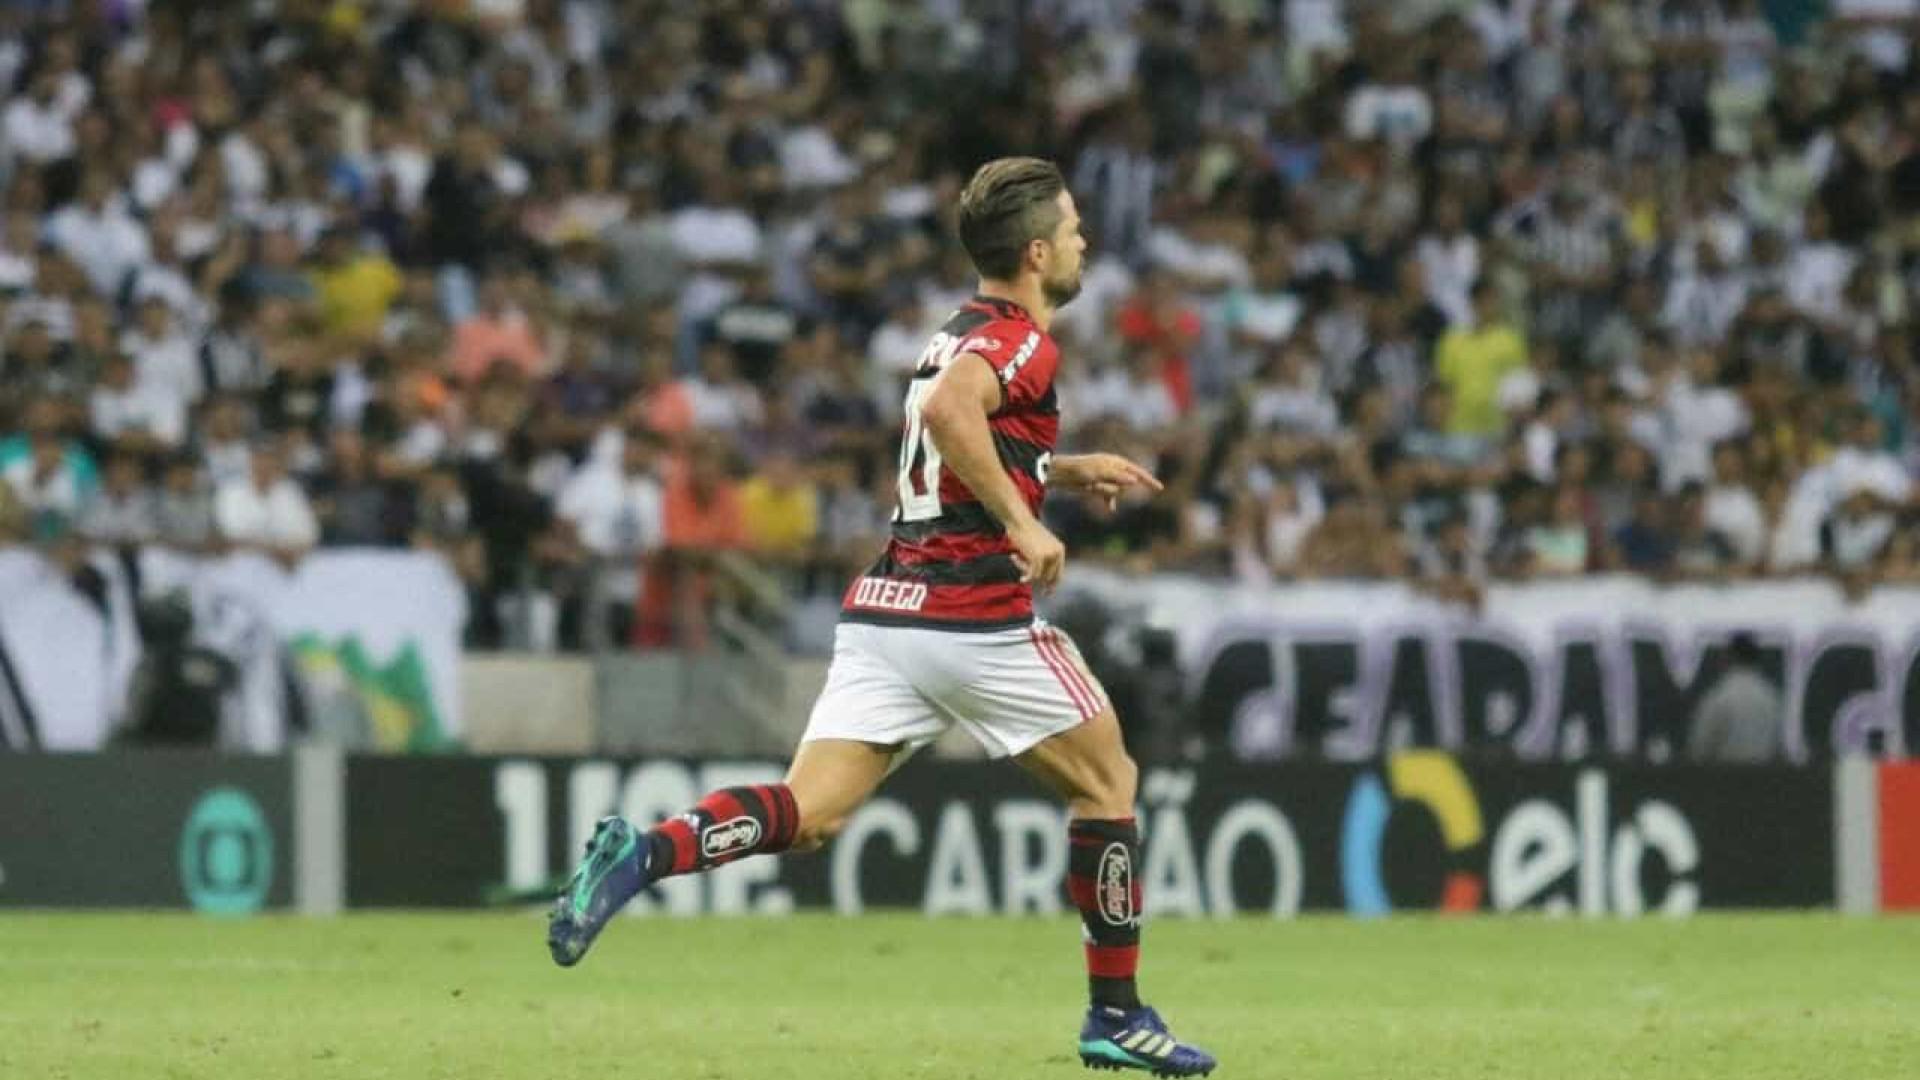 Diego lamenta agressões no Rio diz que não pensou em deixar o Fla